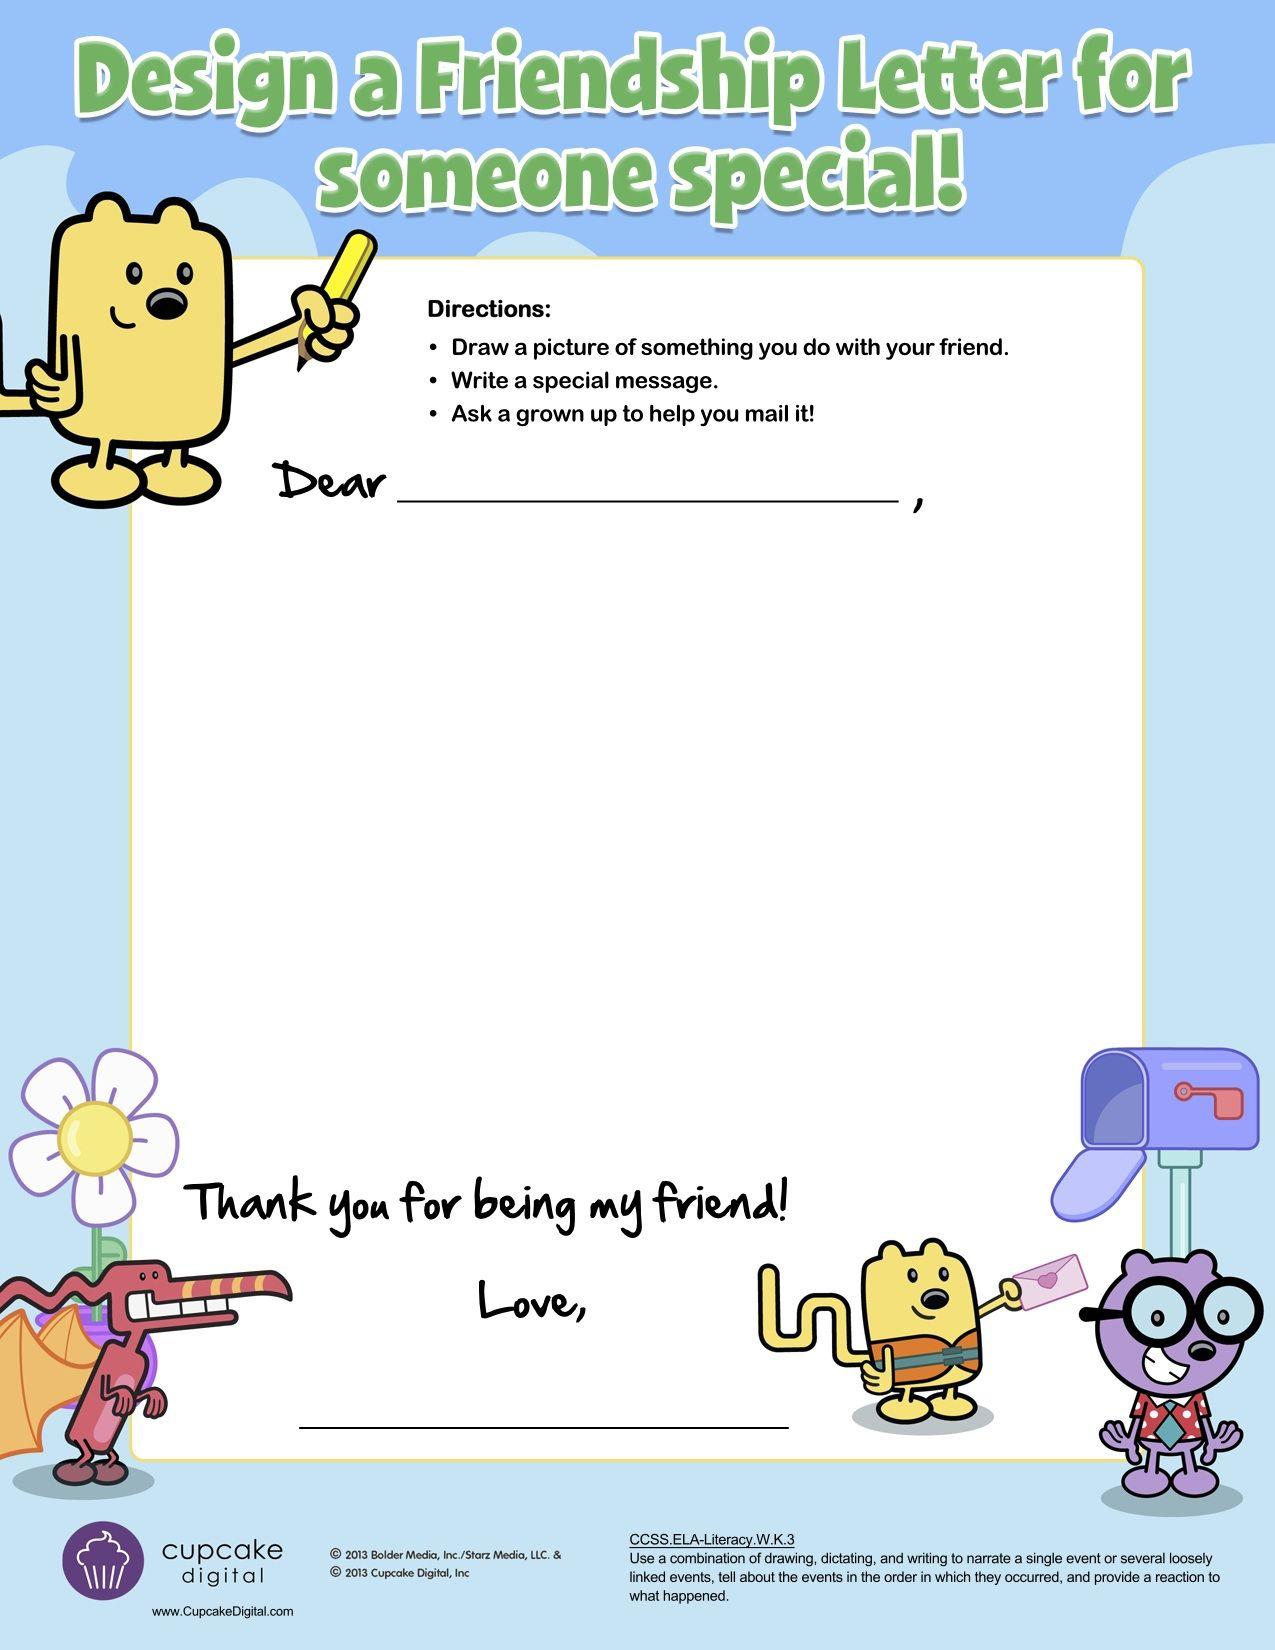 Pin by Cupcake Digital on Wow! Wow! Wubbzy! Friendship